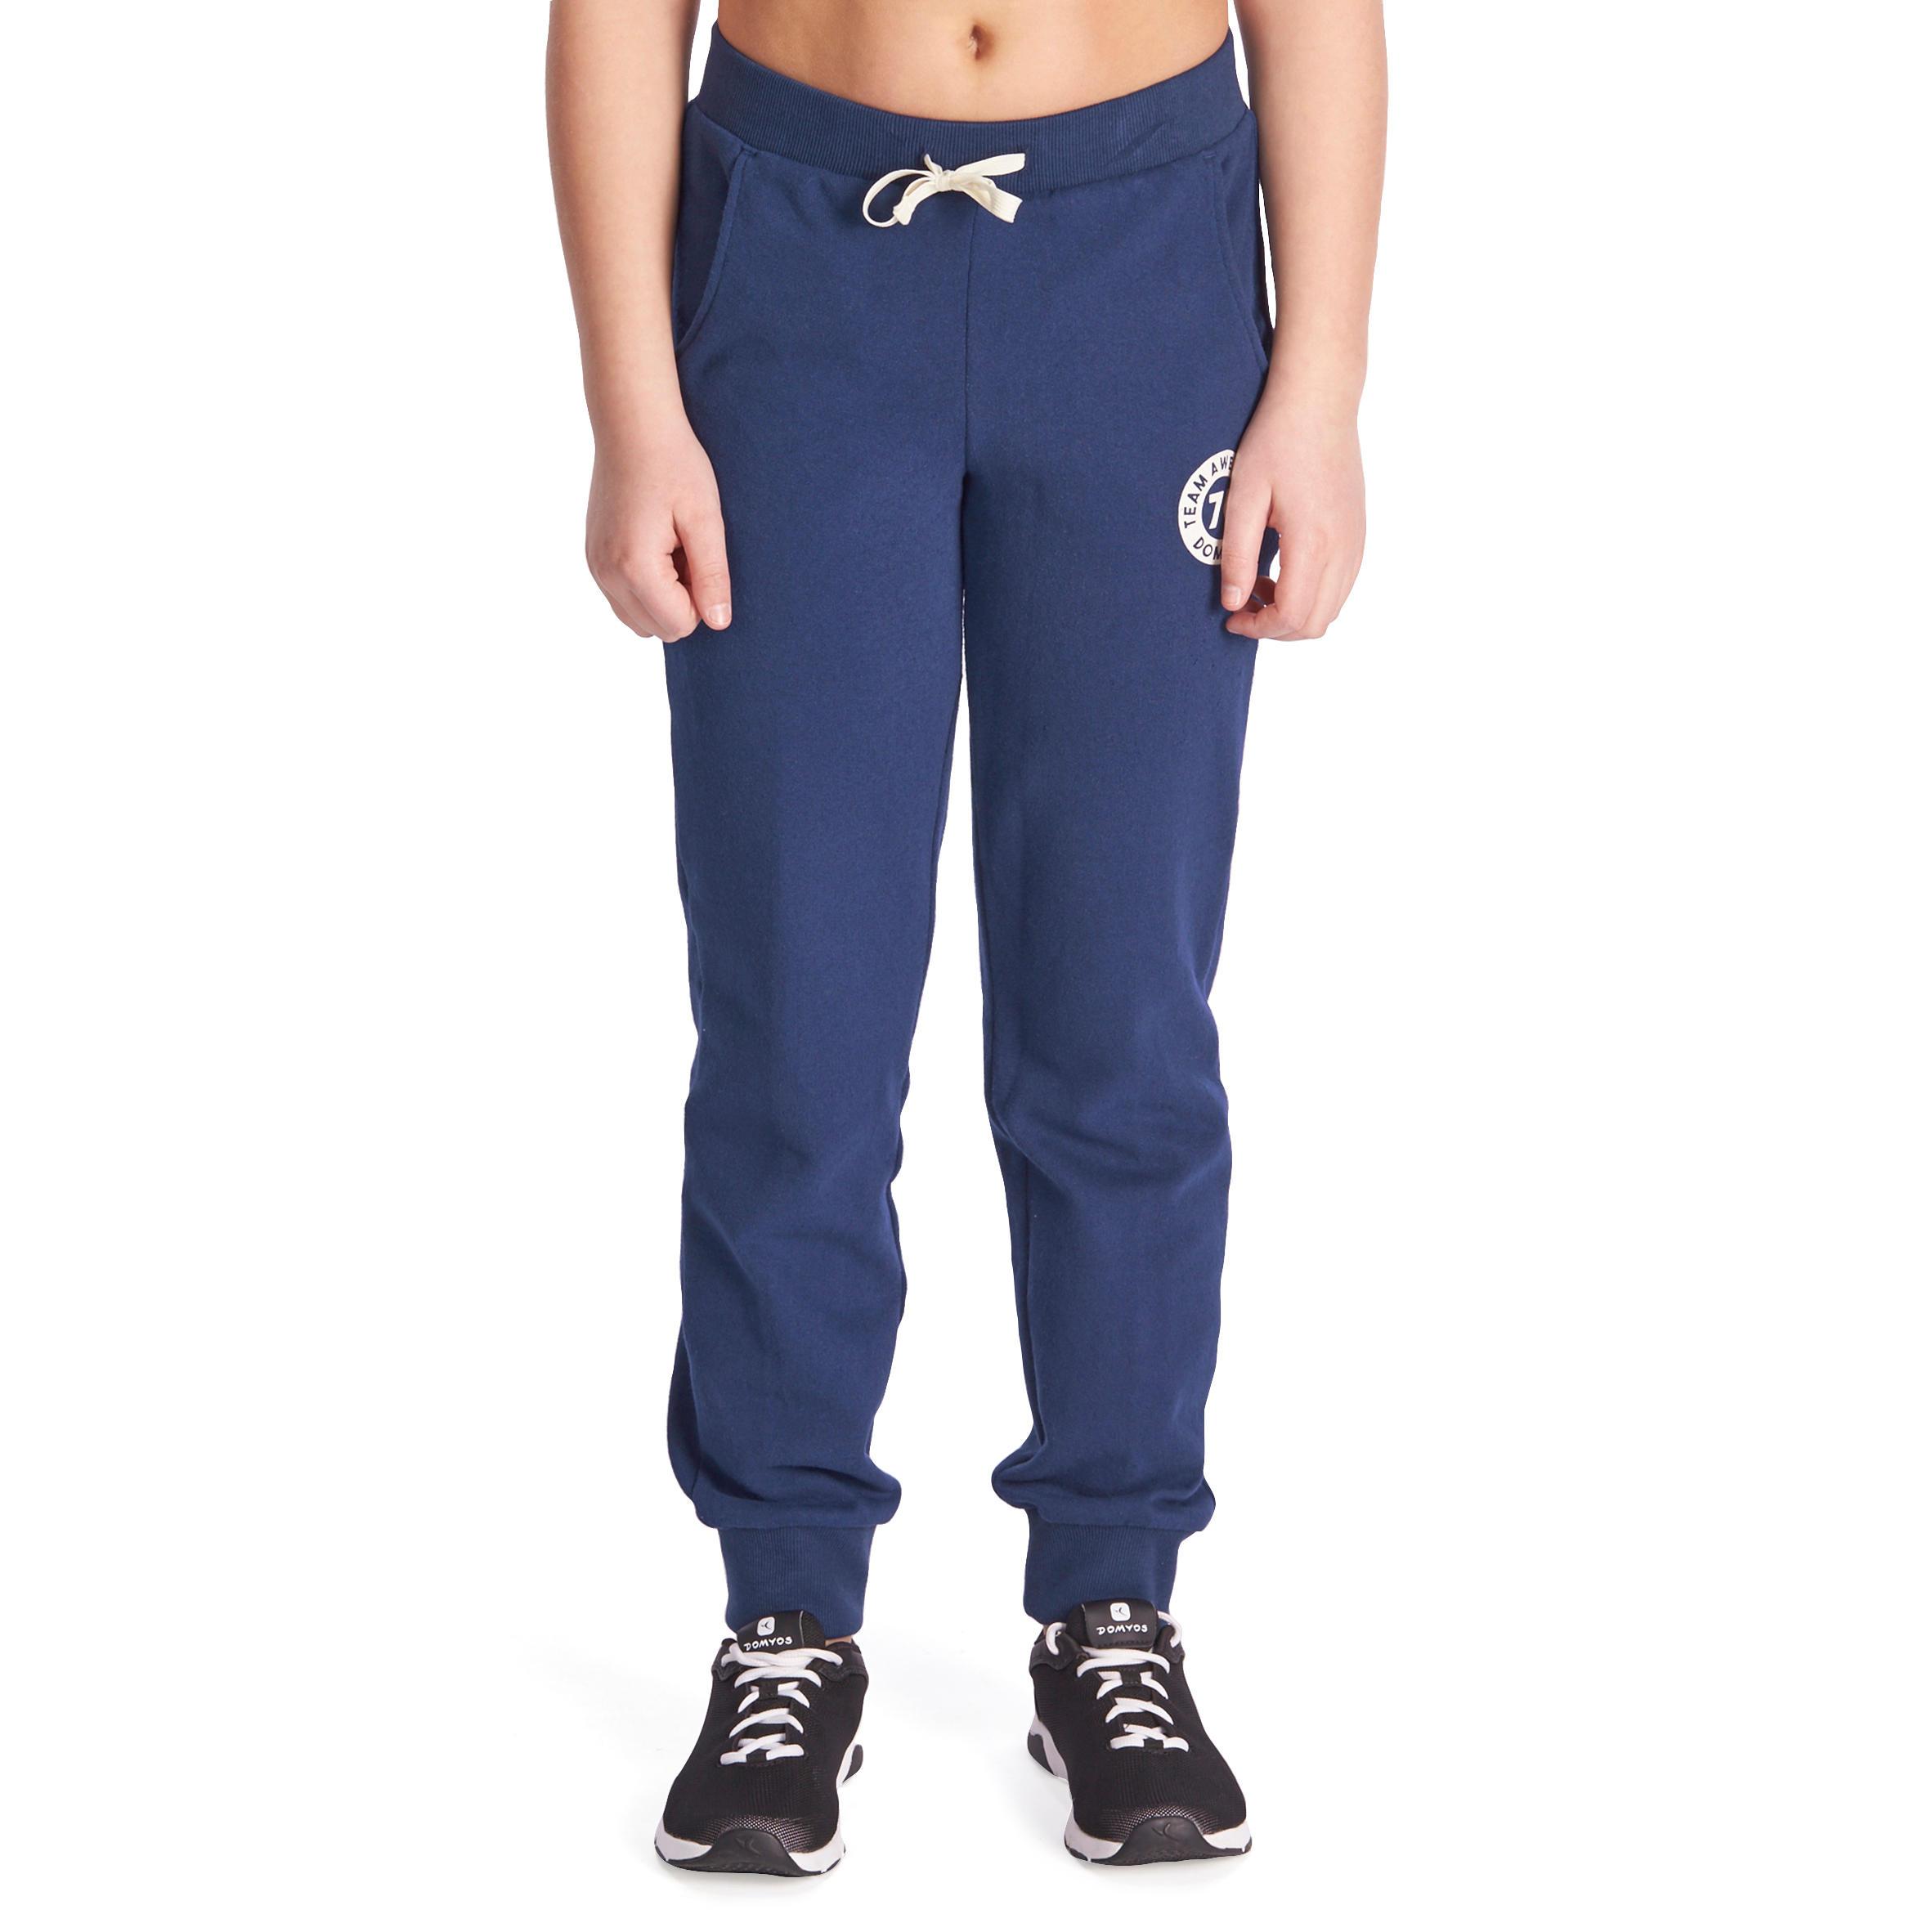 Pantalón 500 cálido regular gimnasia niña bolsas azul marino